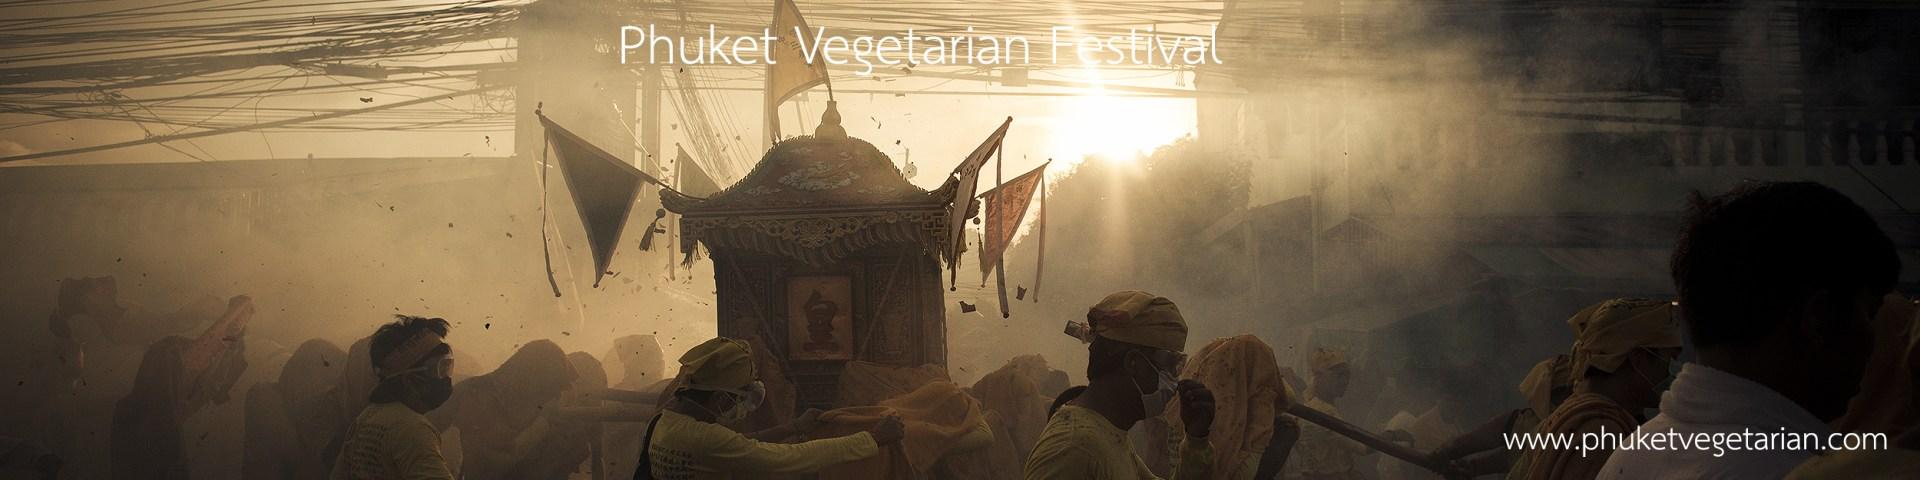 Phuket Vegetarian Festival กินเจภูเก็ต ถือศีลกินผักภูเก็ต